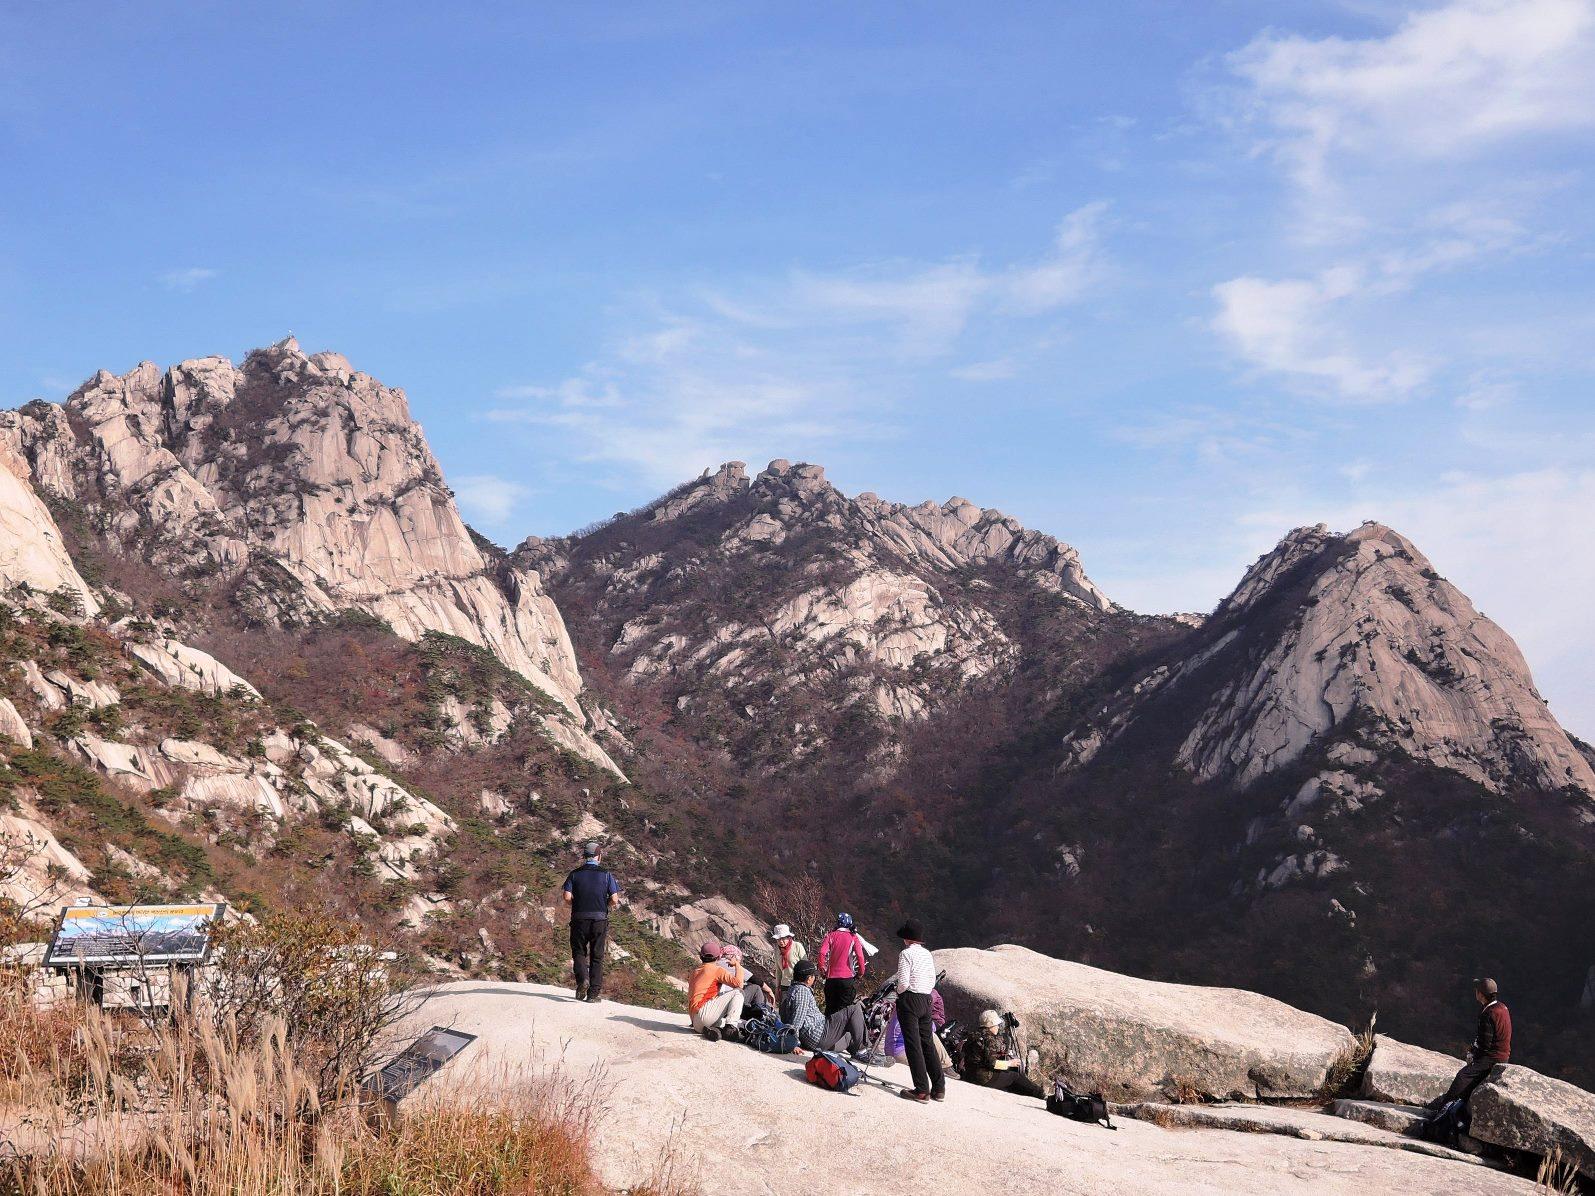 【創業50周年記念特別企画 韓国・Dコース】ソウルの名峰・北漢山(プッカンサン)登頂 3日間